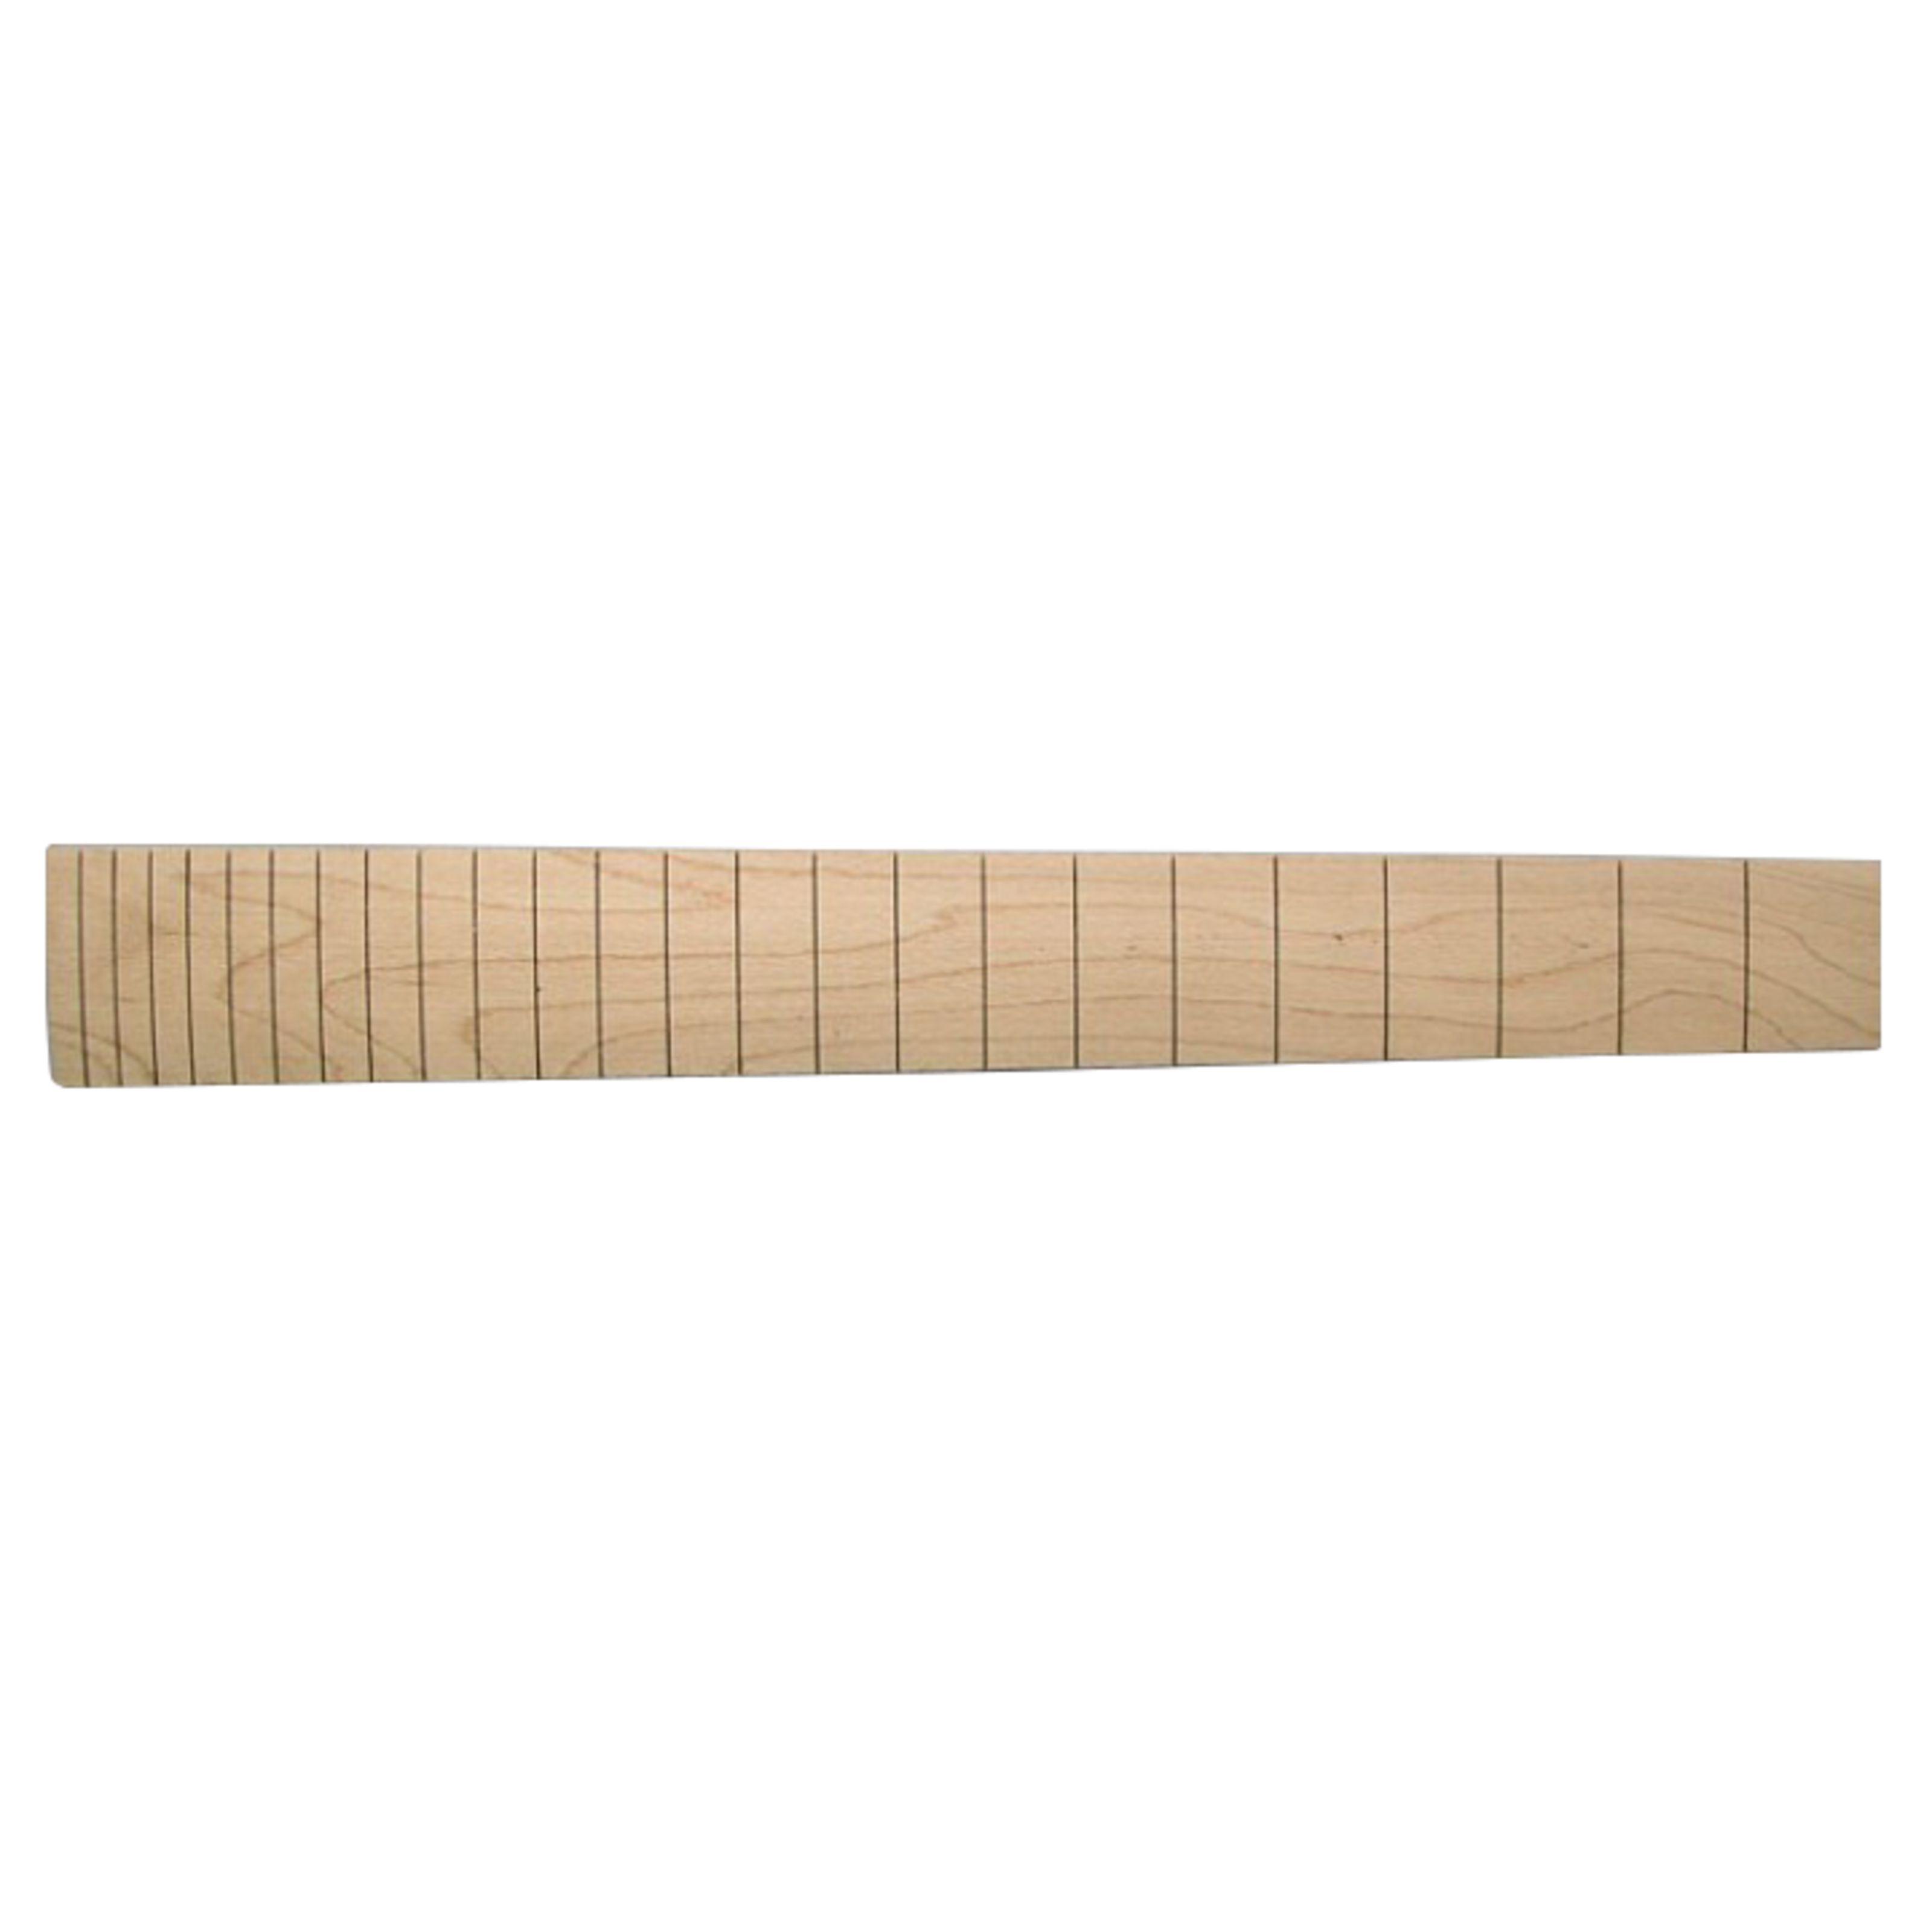 Göldo - Griffbrett 24 Fret Ahorn 648 mm, keine Inlays FBGM3